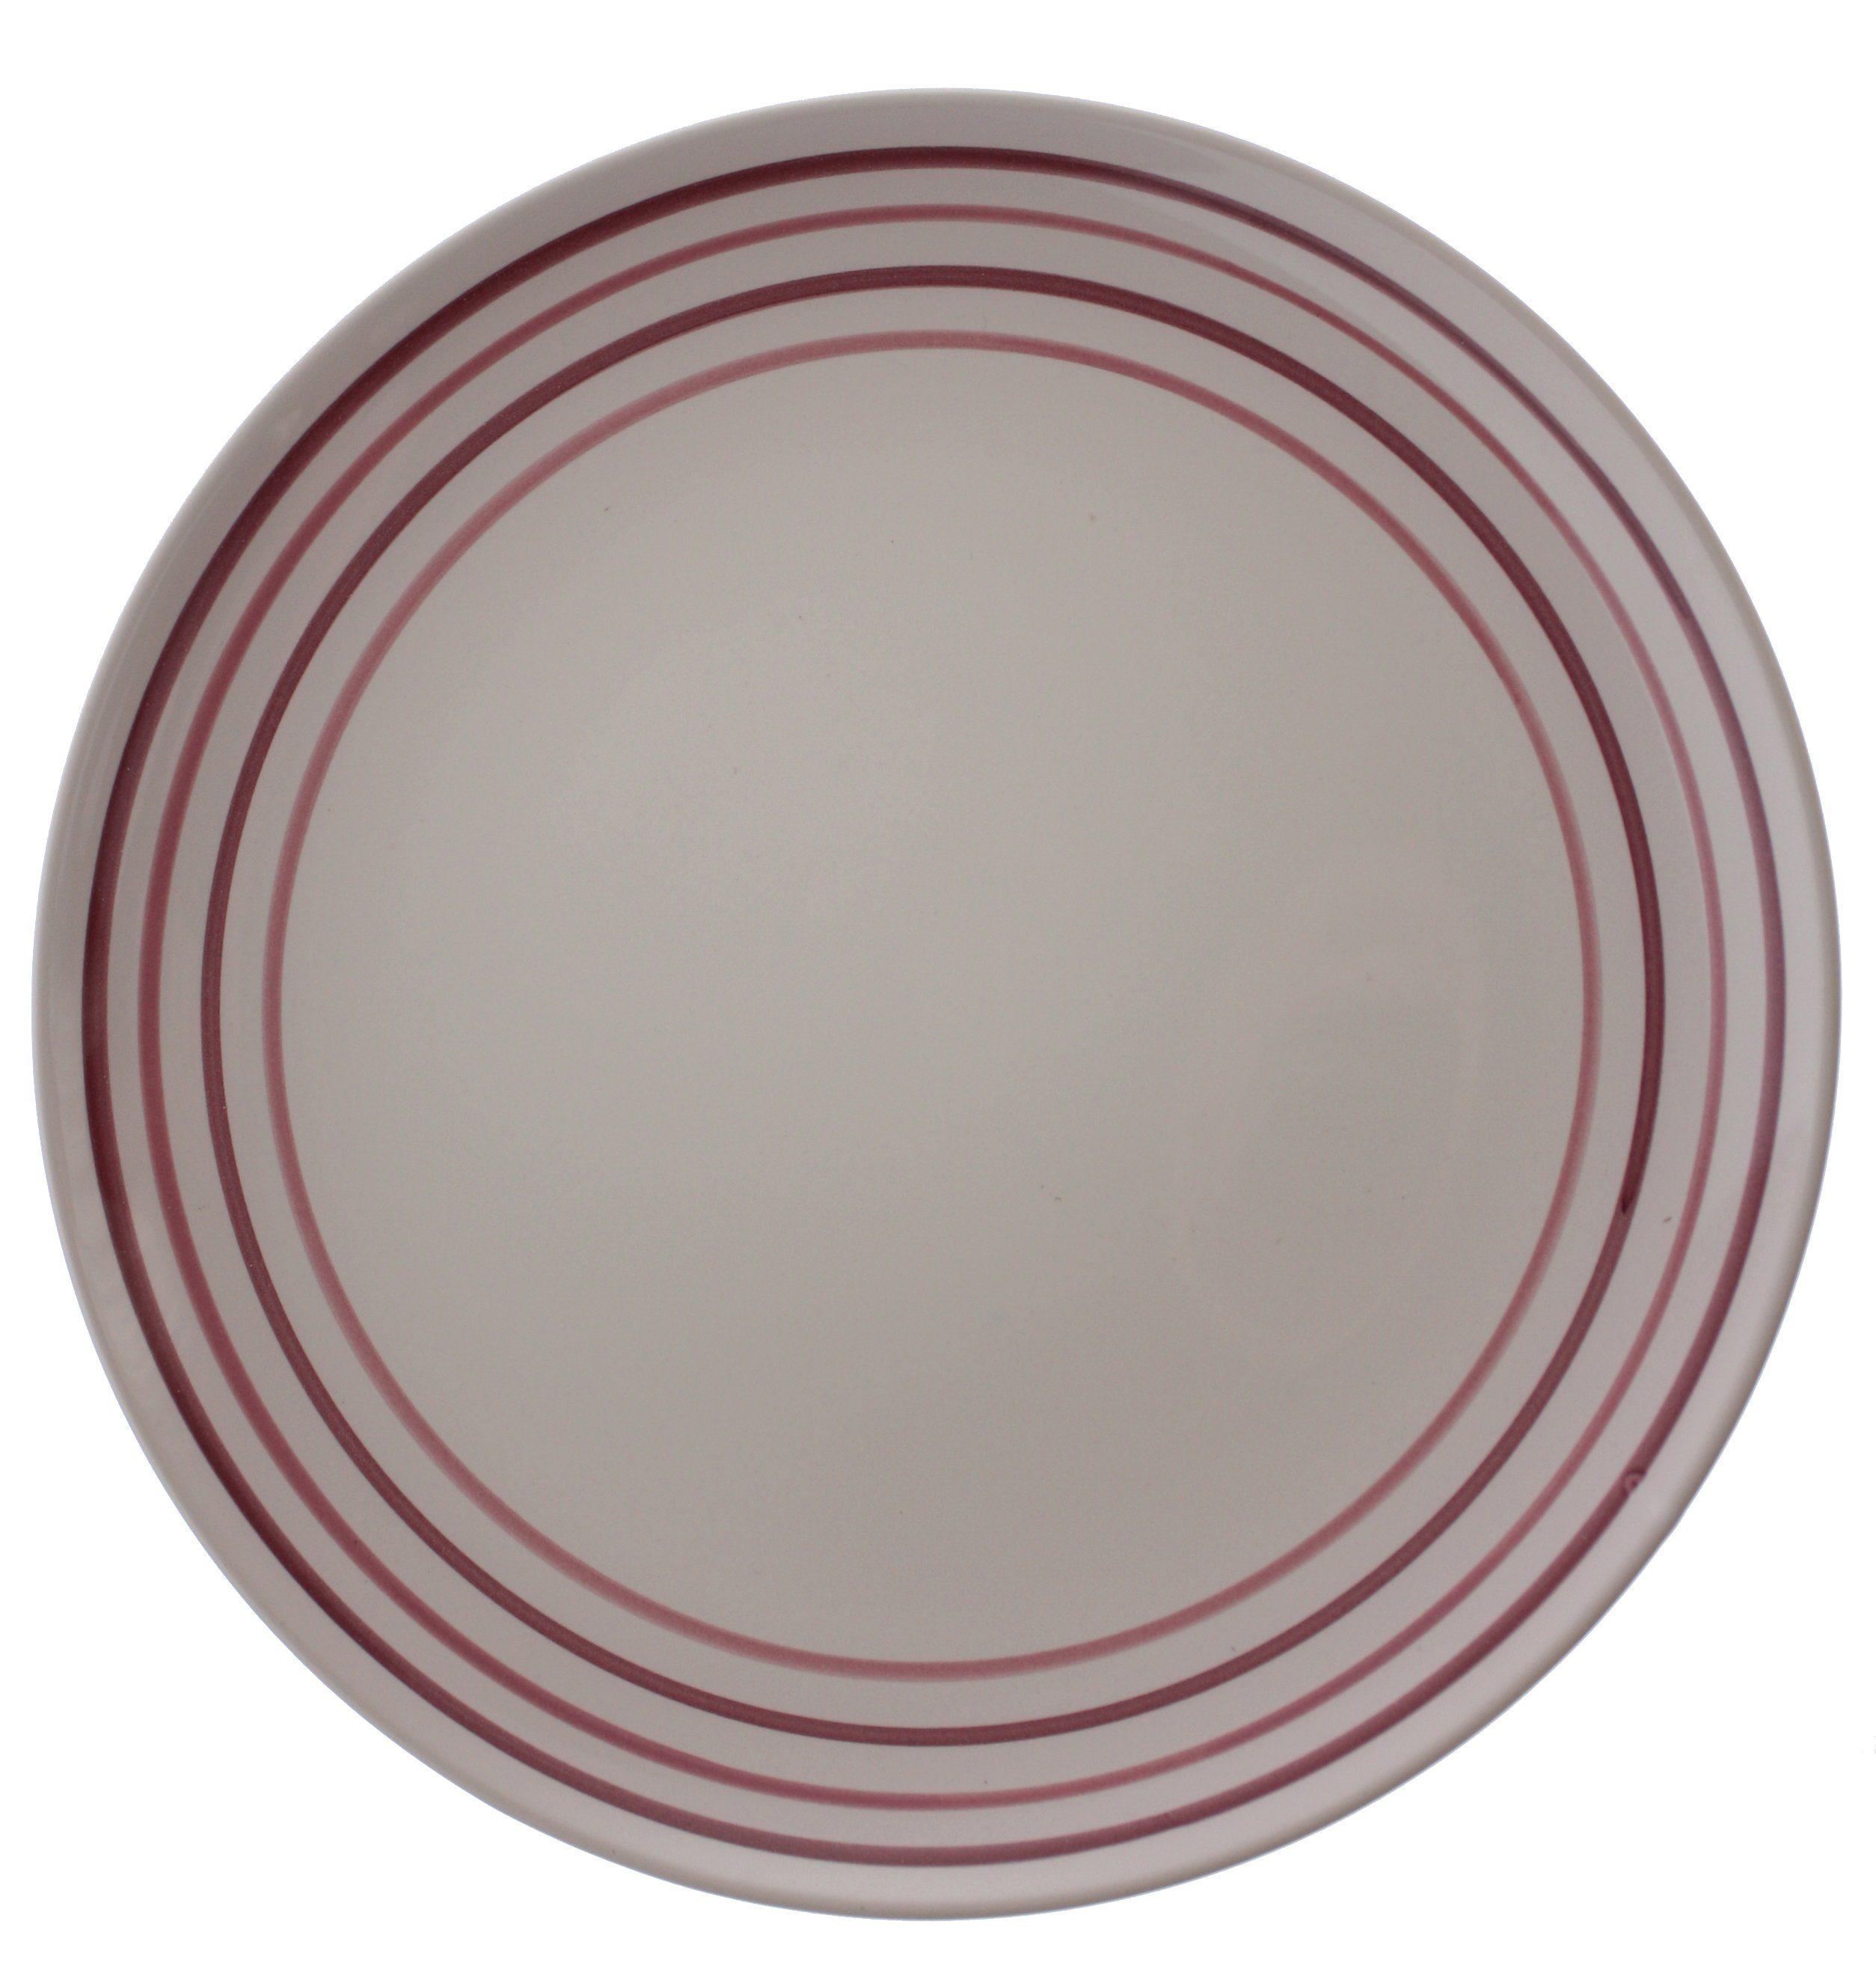 Zeller Keramik Teller flach »Ono Cara«